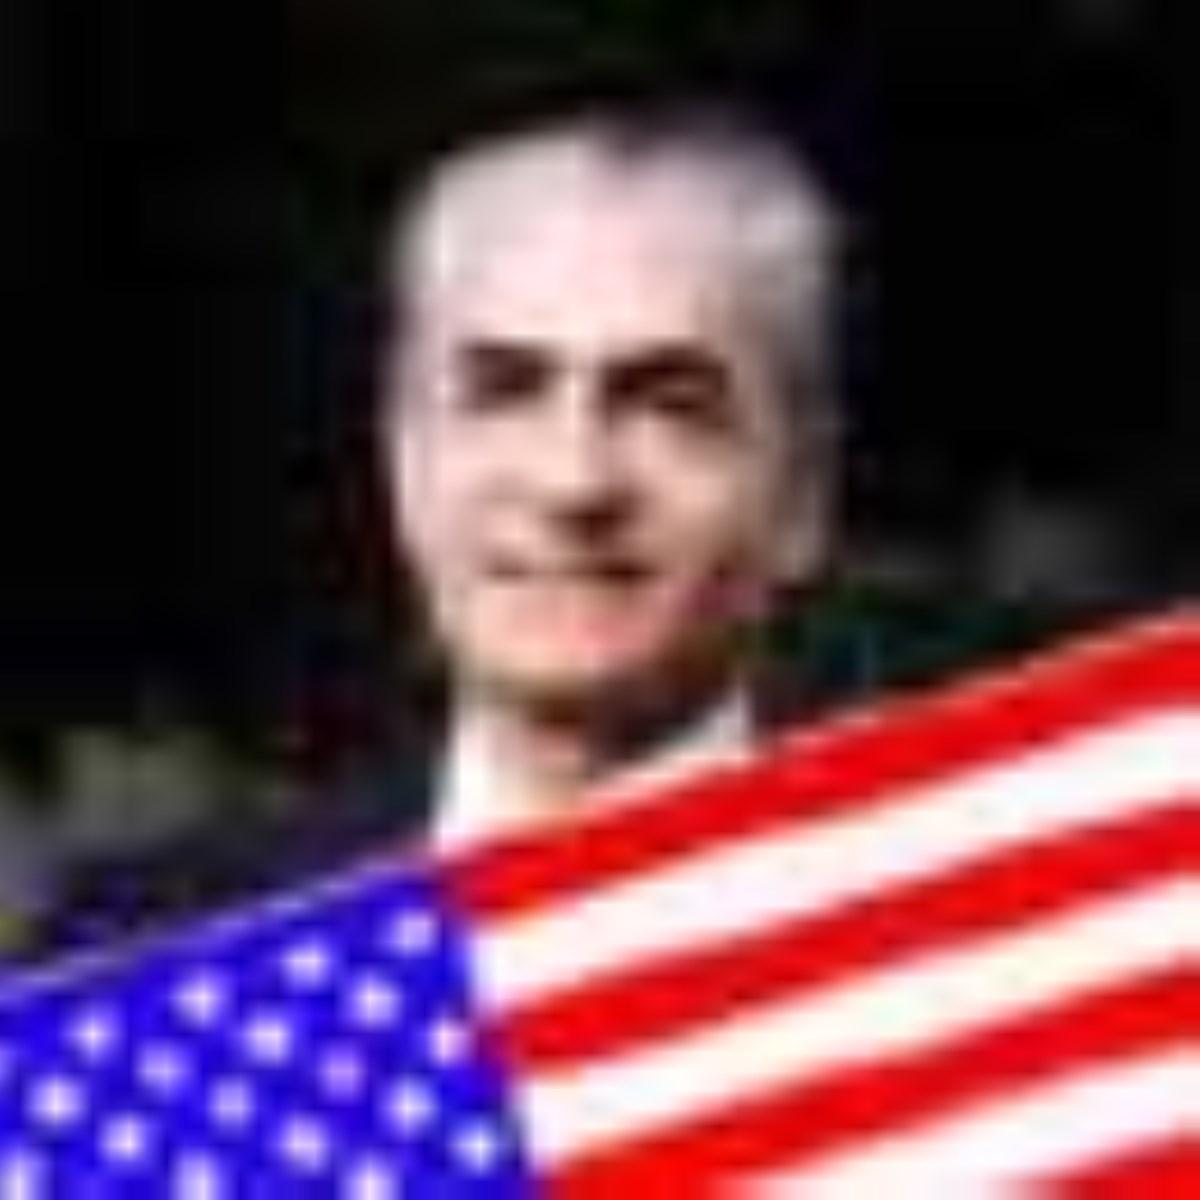 منافع آمریکا در ایران و حمایت از رژیم پهلوی